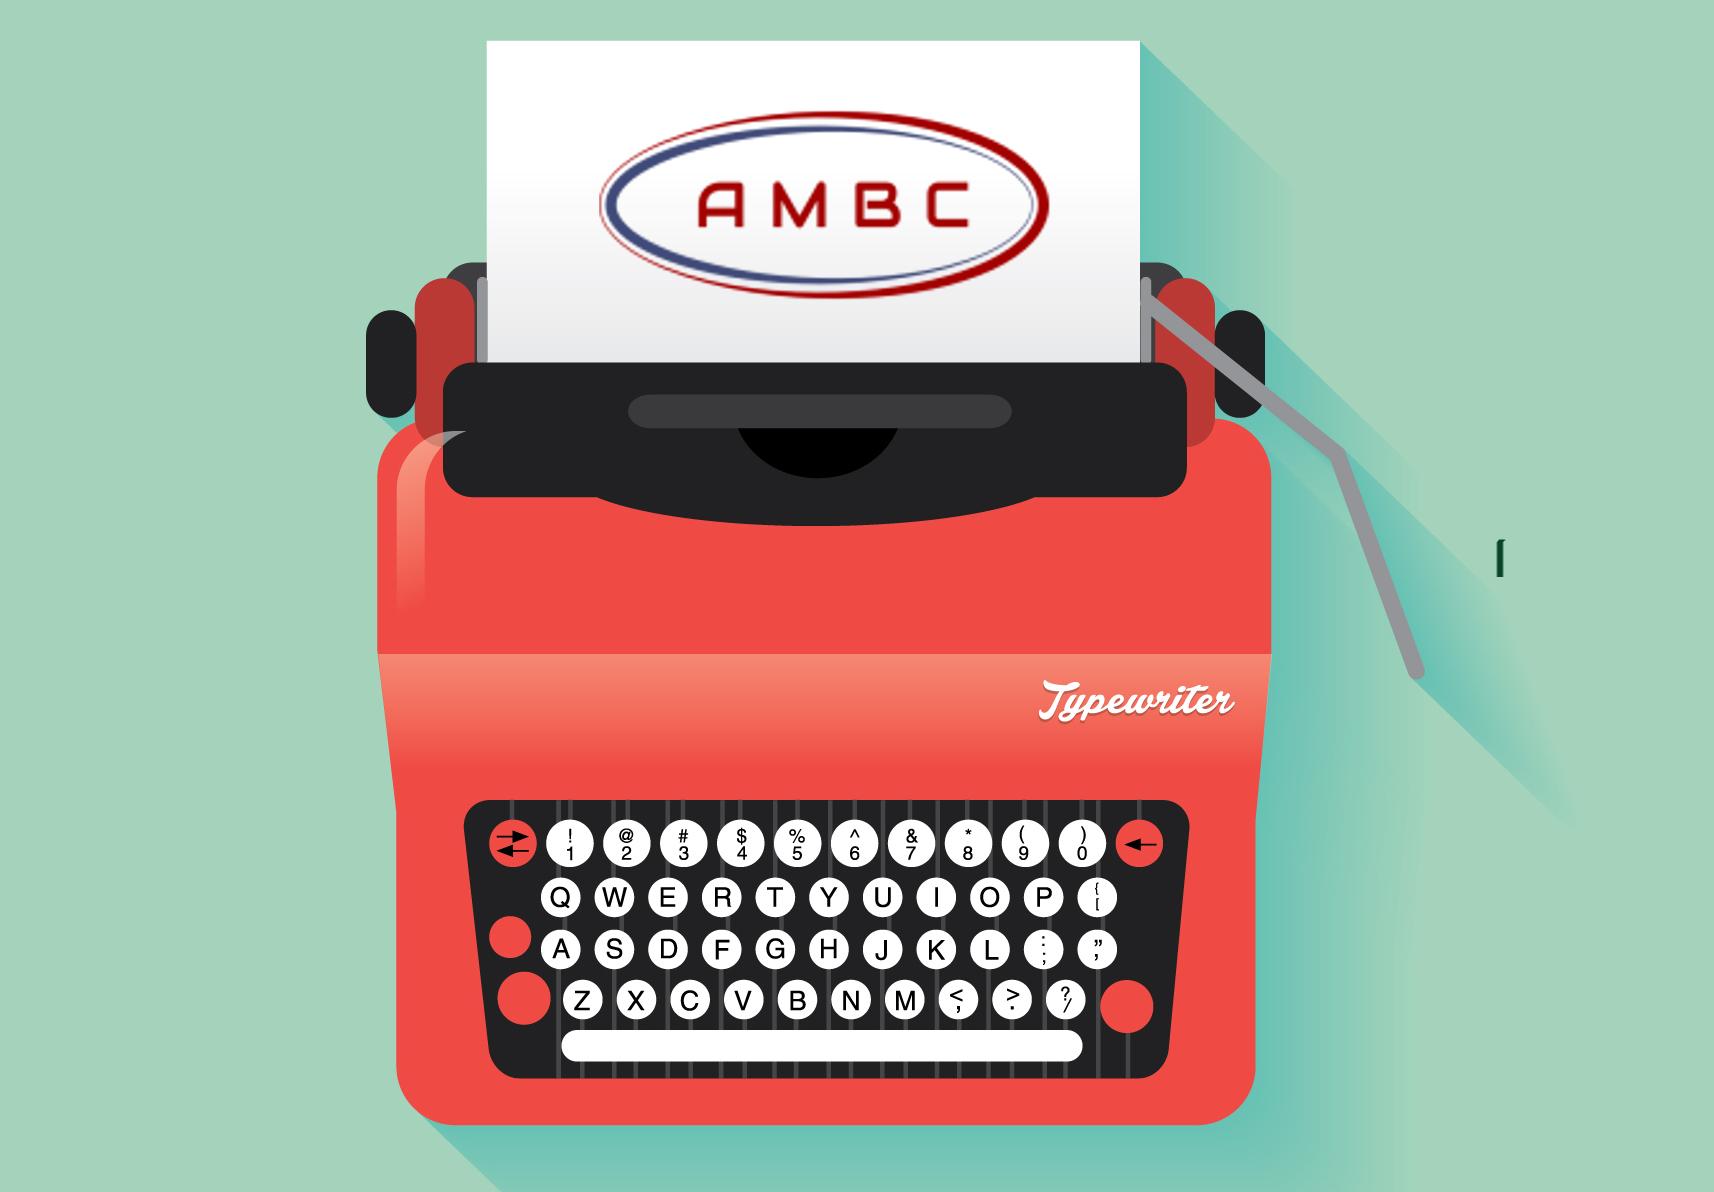 typewriter-ambc